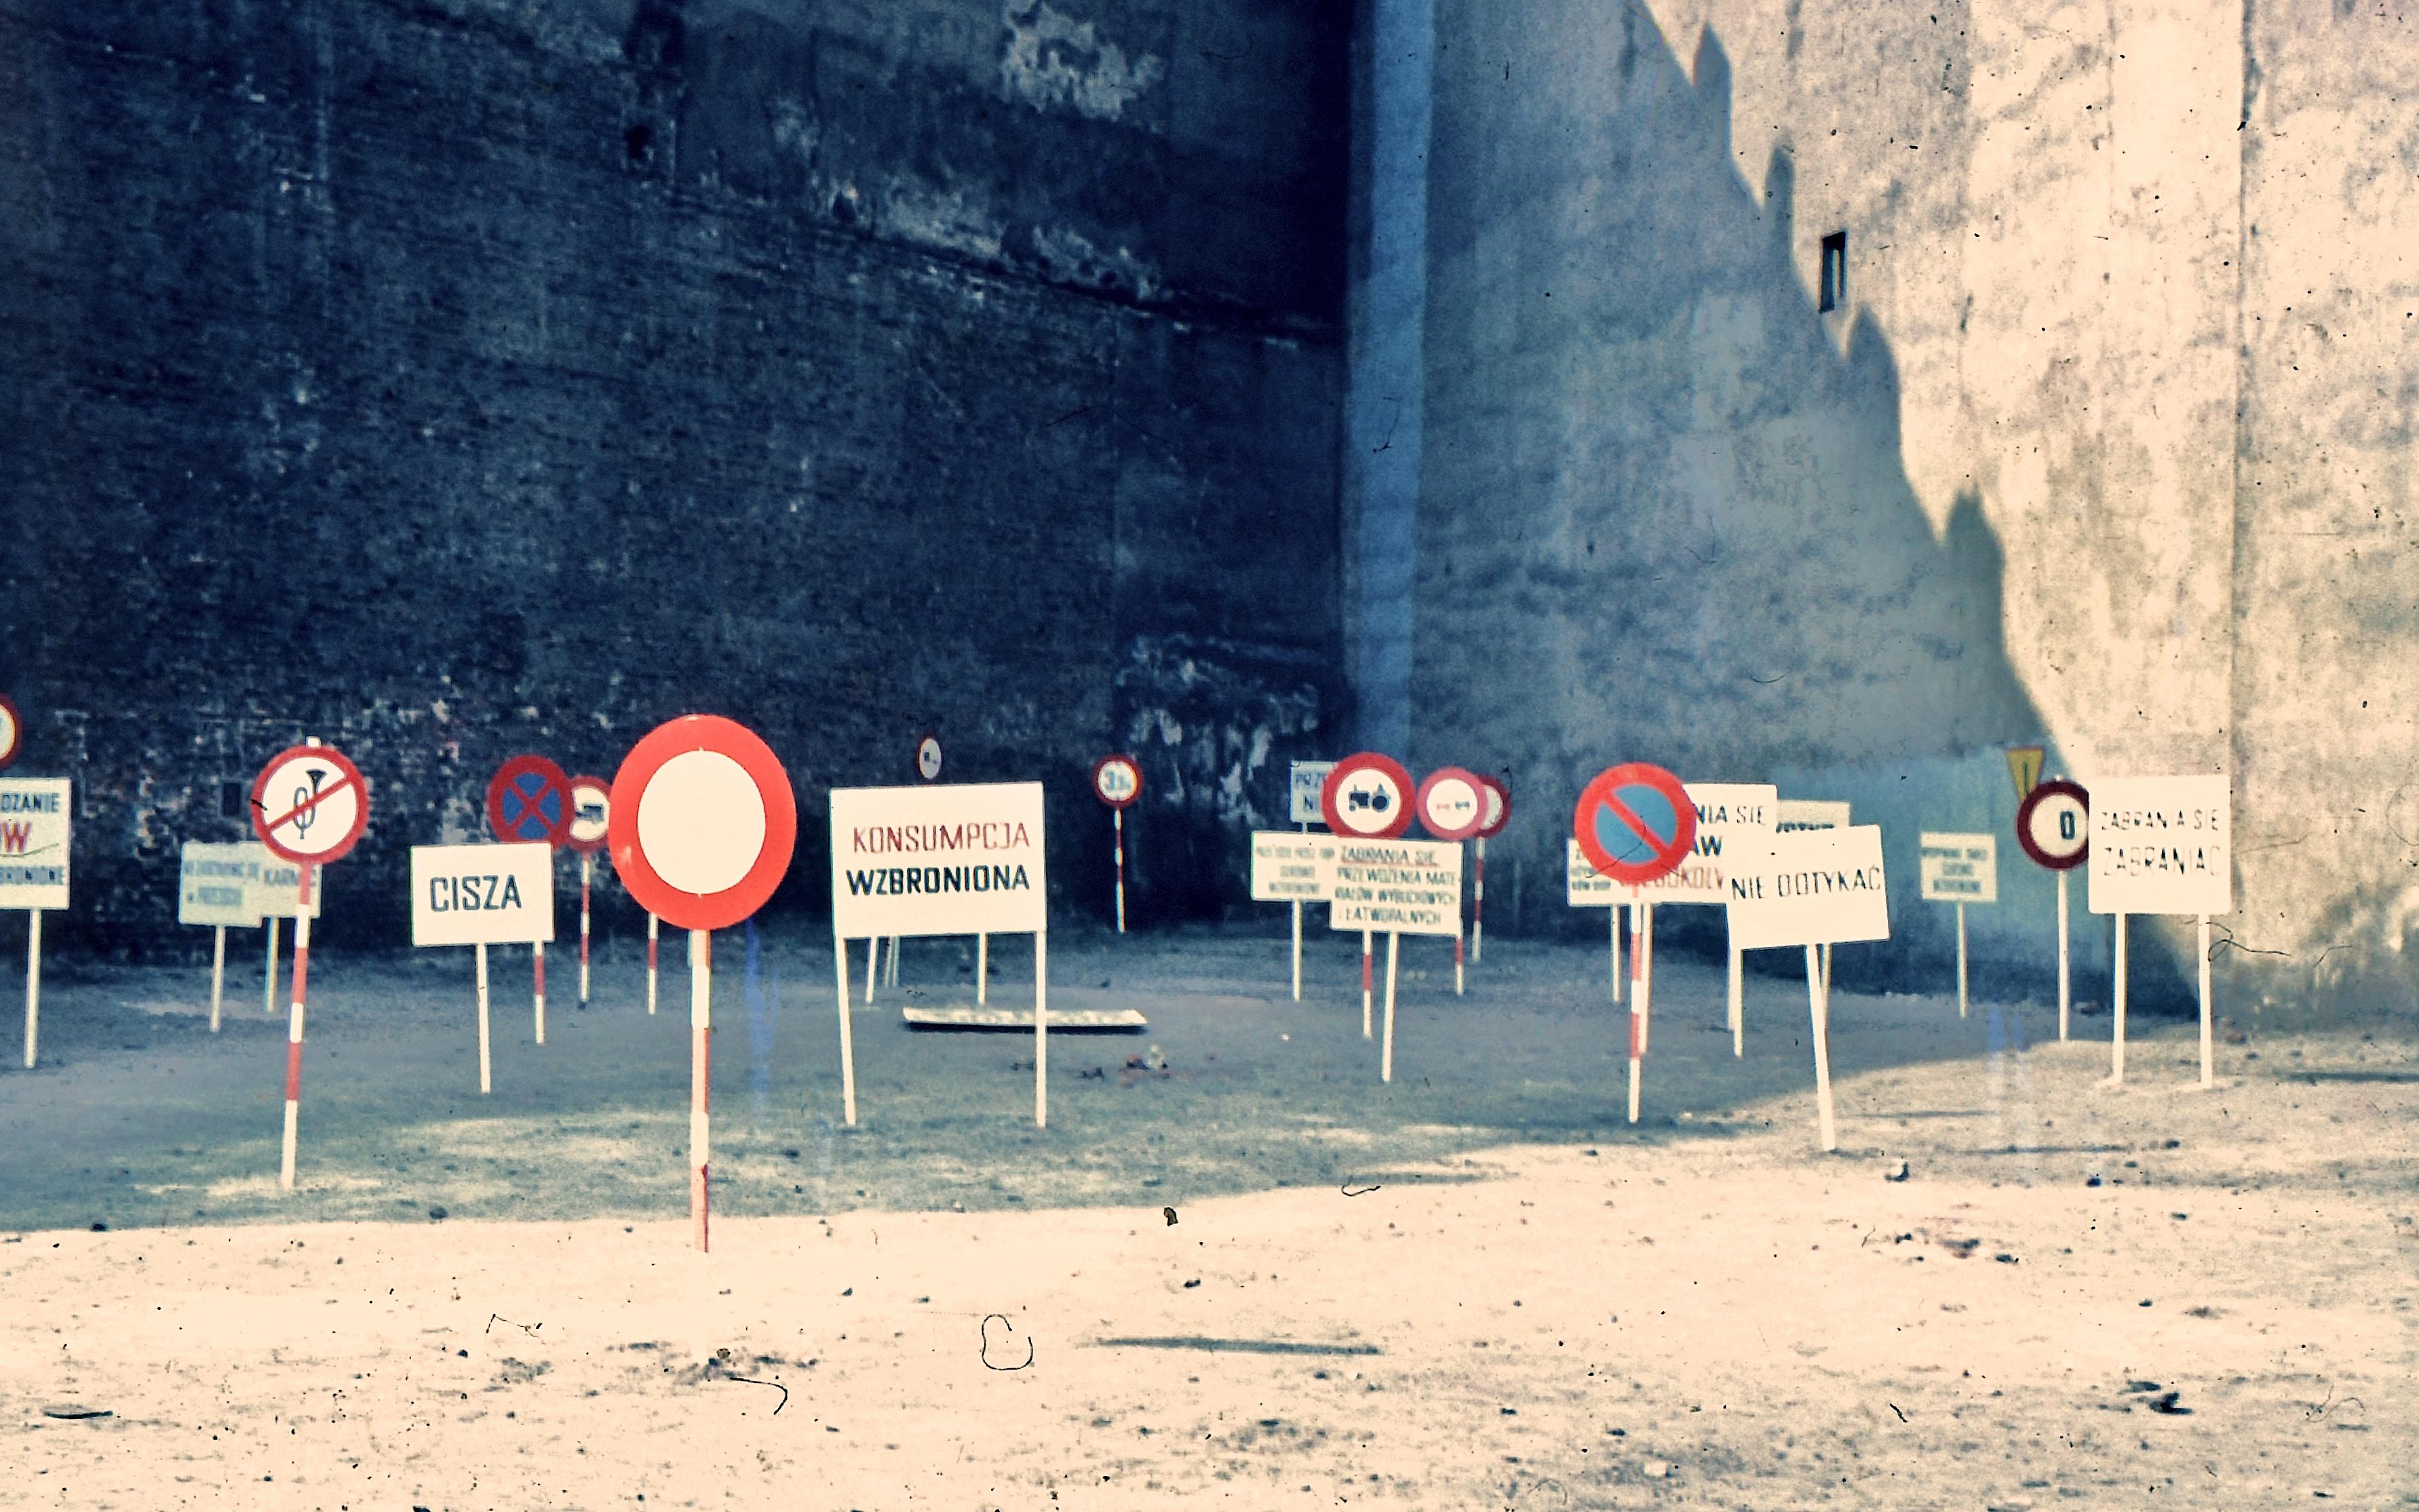 Photography of Ewa Partum installation 'Legalność przestrzeni', Łódź, 1971. Photo from the Artum Foundation archive.